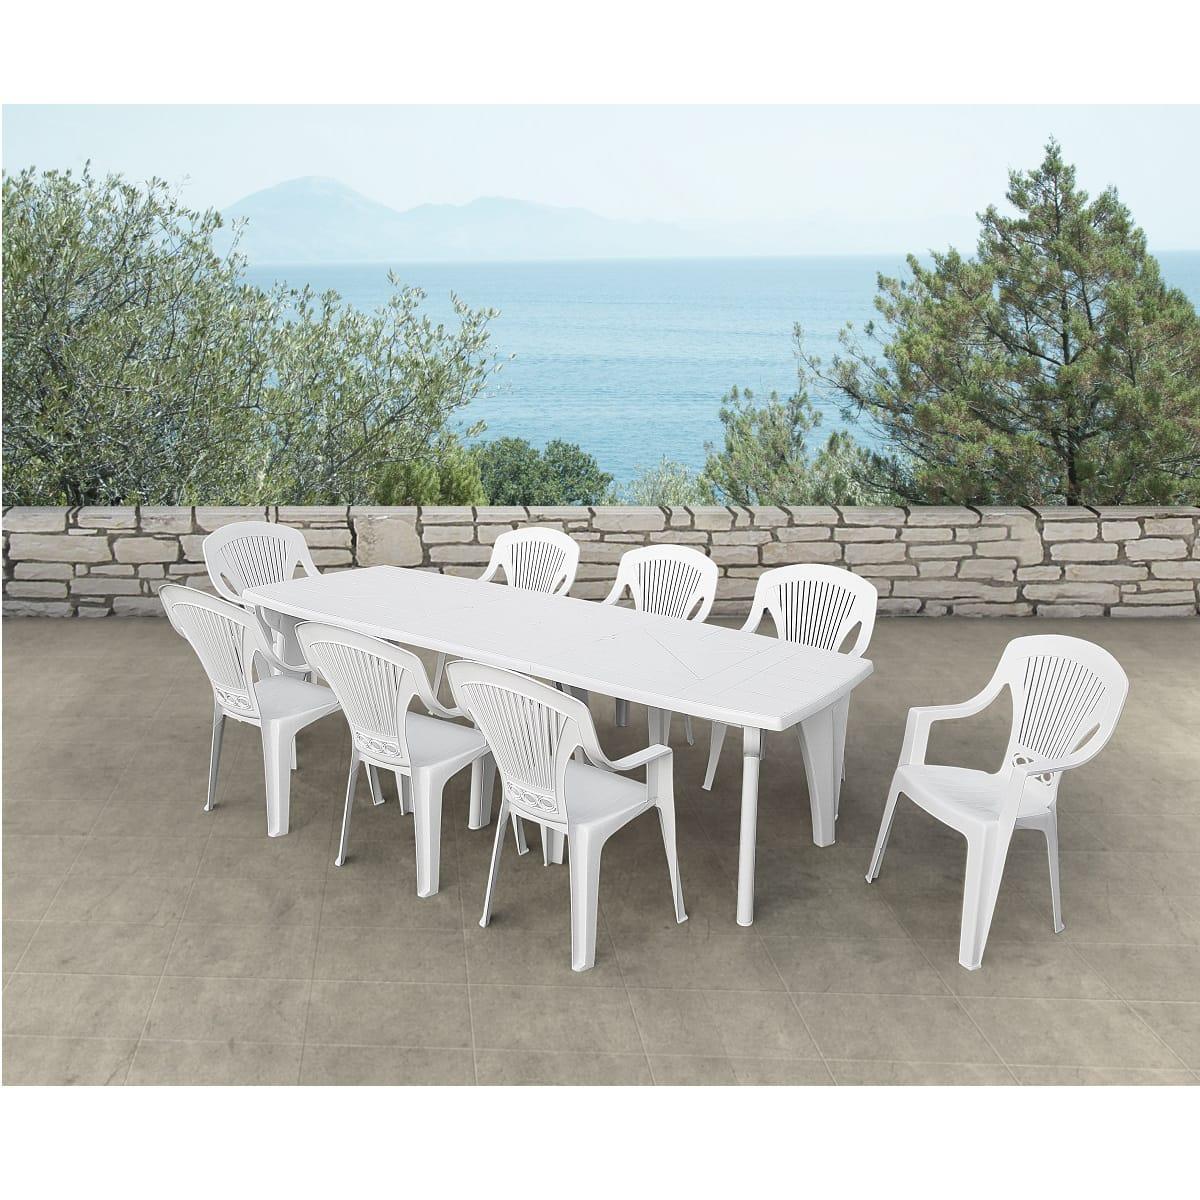 Salon de jardin LIpari 2 - résine blanc, 8 personnes